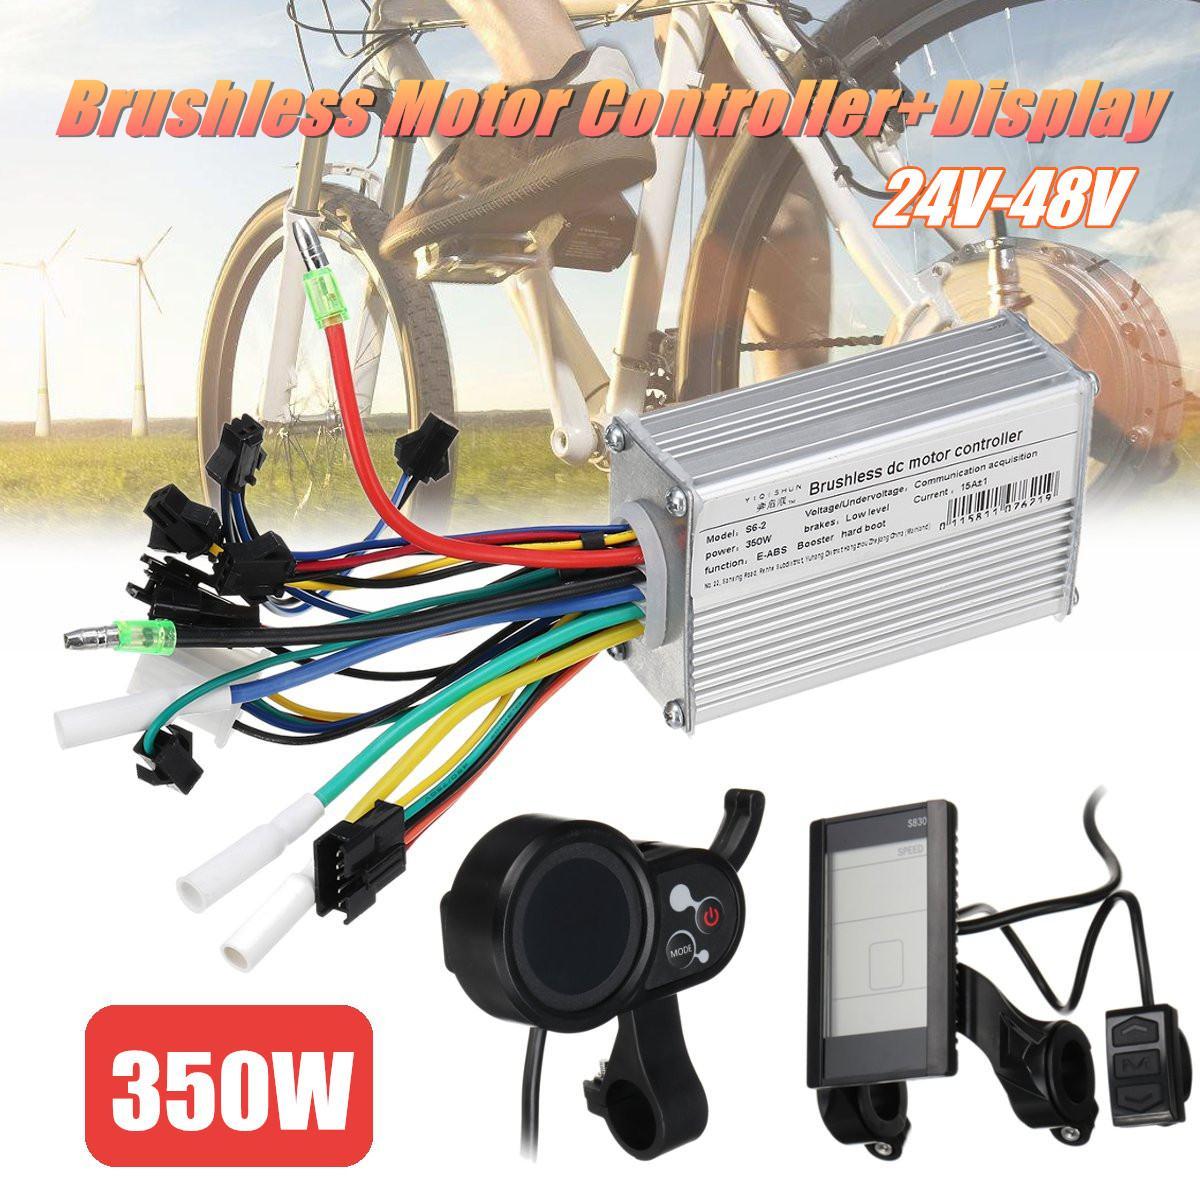 350 W 24 V-48 V unité de commande de moteur sans brosse LCD/affichage intelligent pour Scooter e-bike accessoires de vélo électrique